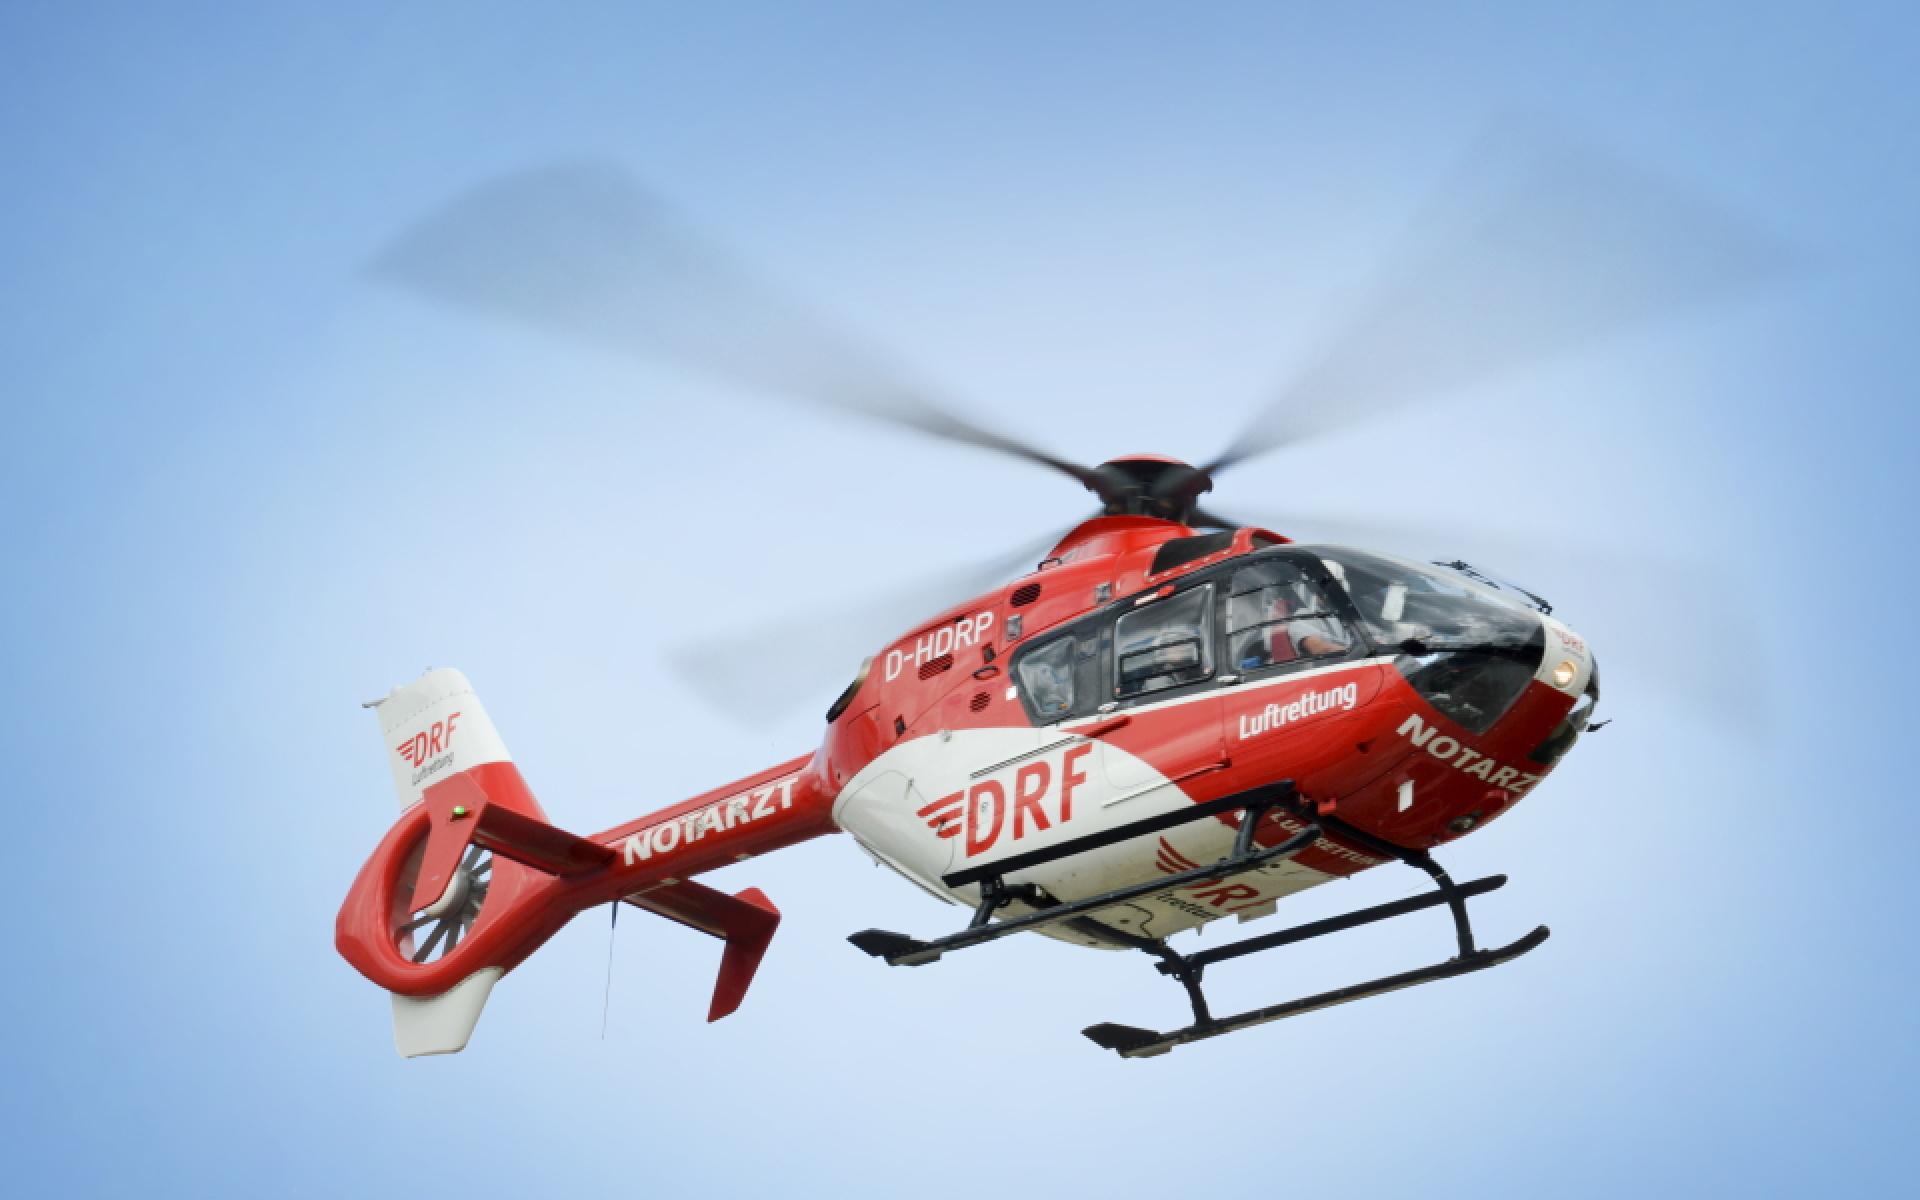 Ein Hubschrauber des Typs EC 135 im Flug.